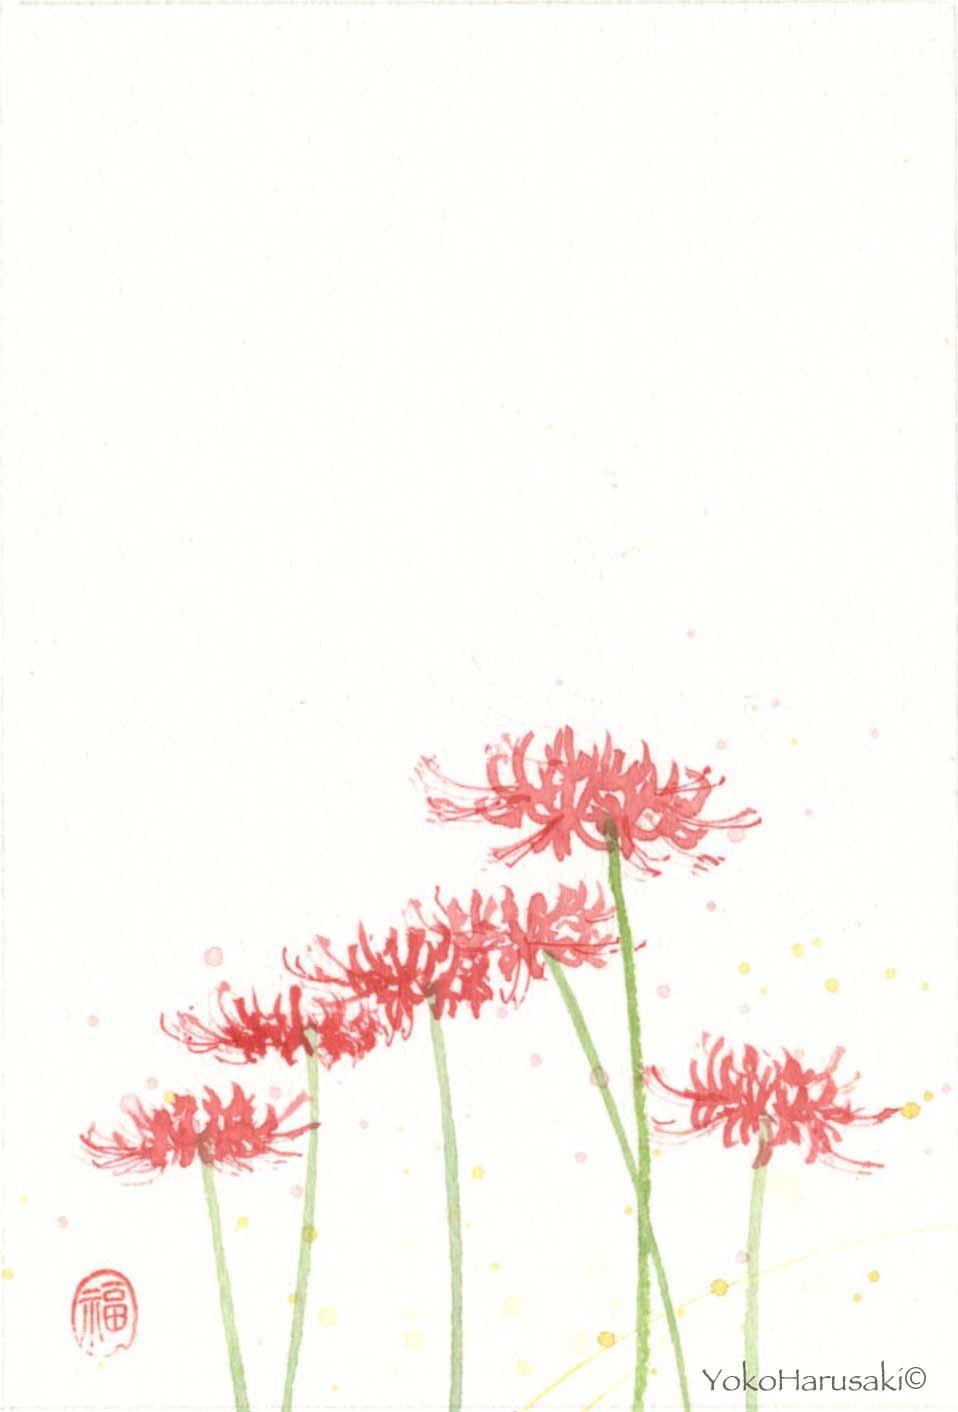 彼岸花の描き方 動画 はるさき水彩画blog